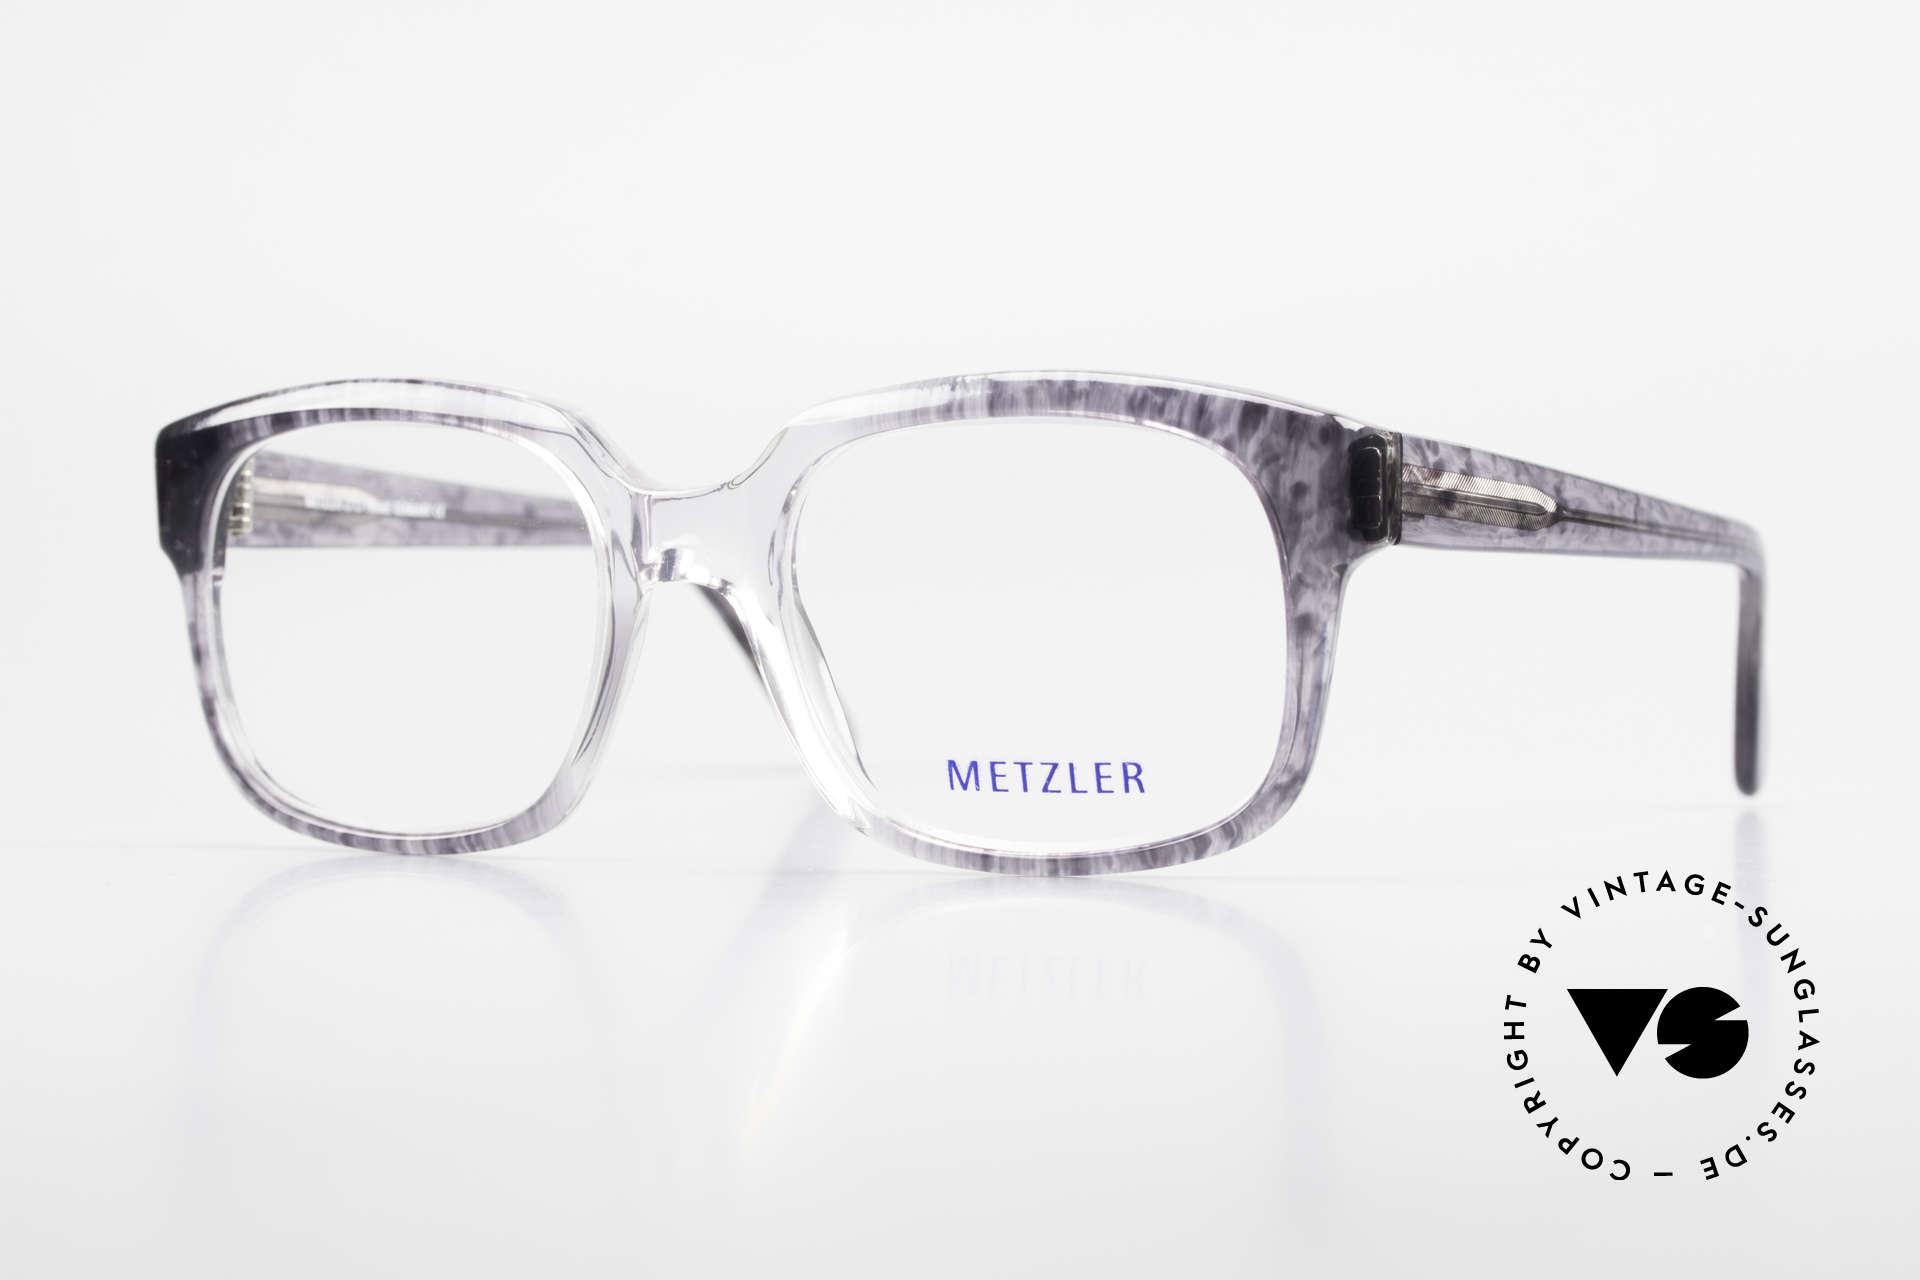 Metzler 7665 Medium 90er Jahre Old School Brille, Metzler VINTAGE Brille, 7665, in Gr. 54/20, 140, Passend für Herren